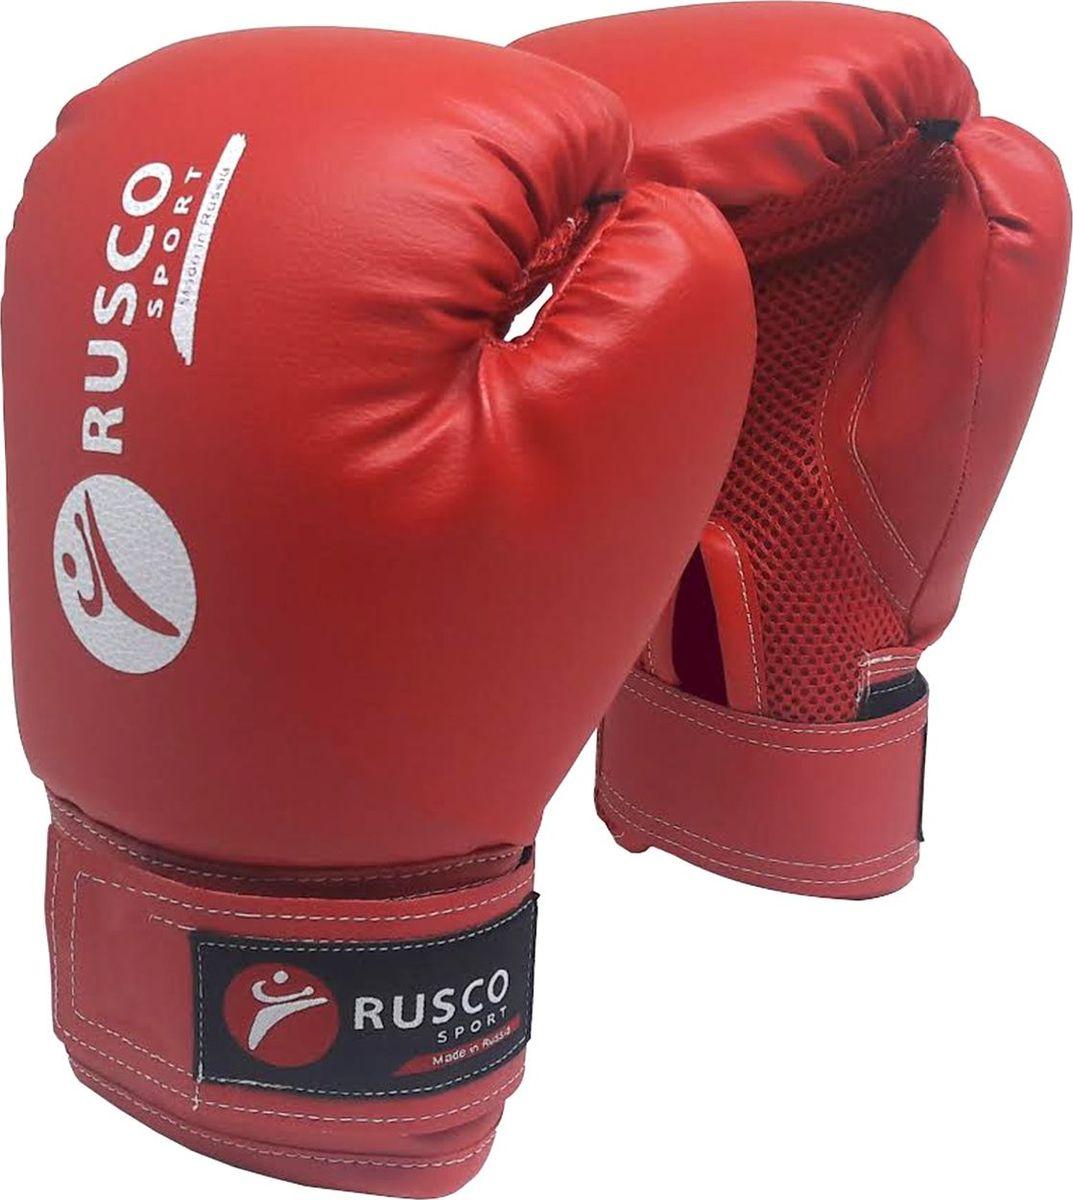 Перчатки боксерские Rusco, цвет: красный. Вес 10 унцийУТ-00008588Перчатки боксерские Rusco - это боксерские перчатки красного цвета, которые широко используются начинающими спортсменами и юниорами на тренировках. Перчатки имеют мягкую набивку, специально разработанная удобная форма позволяет избежать травм во время тренировок и профессионально подготовиться к бою. Превосходно облегают кисть, следуя всем анатомическим изгибам ладони и запястья.